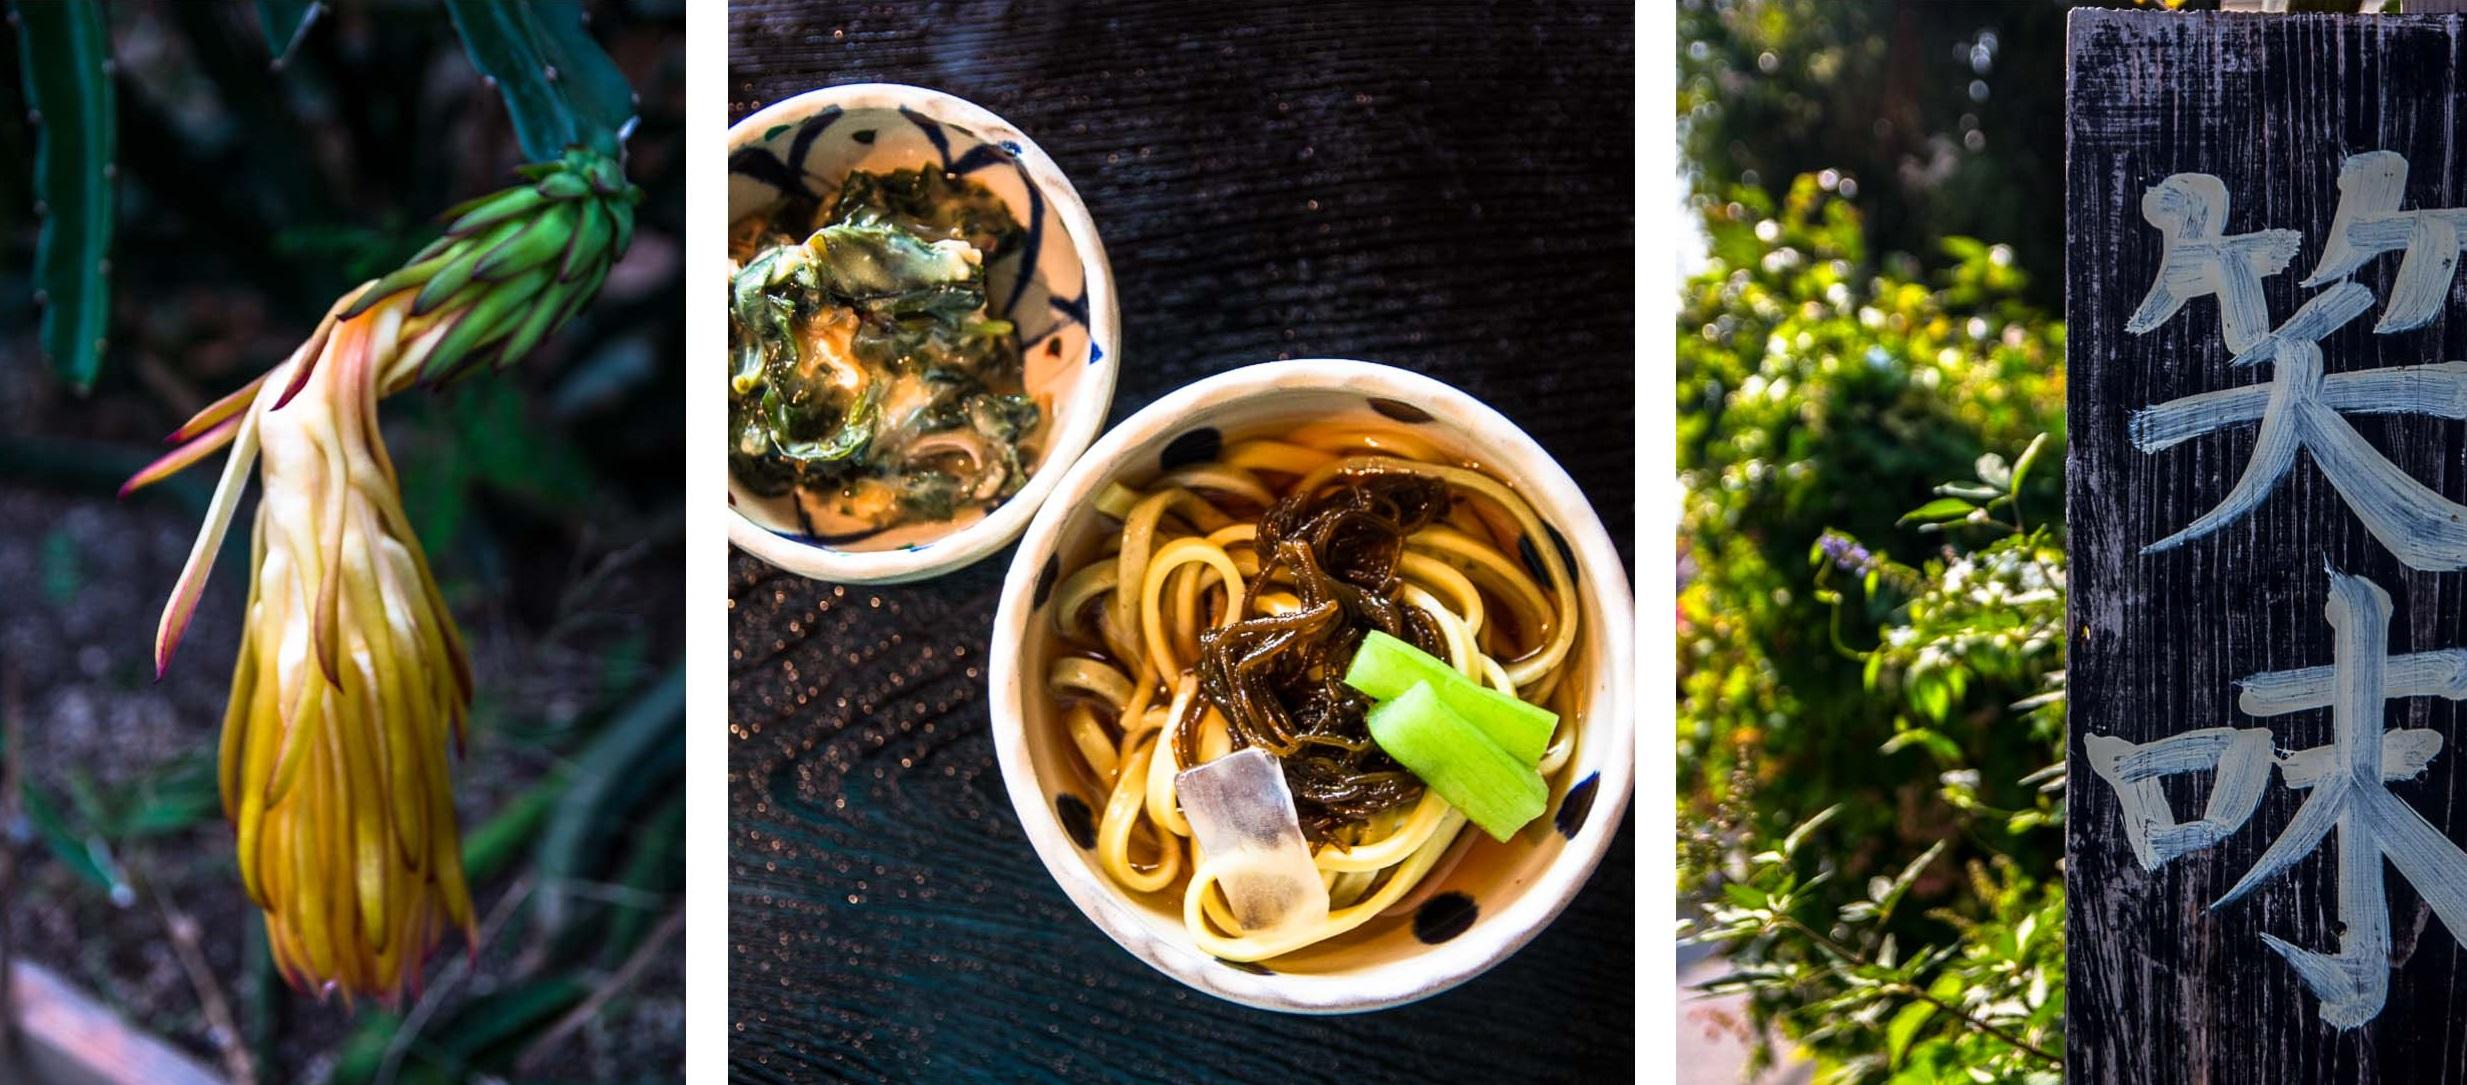 Auf nach Okinawa! Awamori, das königliche Getränk, das Dorf der Hundertjährigen und eine Slow Farm mit schwarzen Schweinen